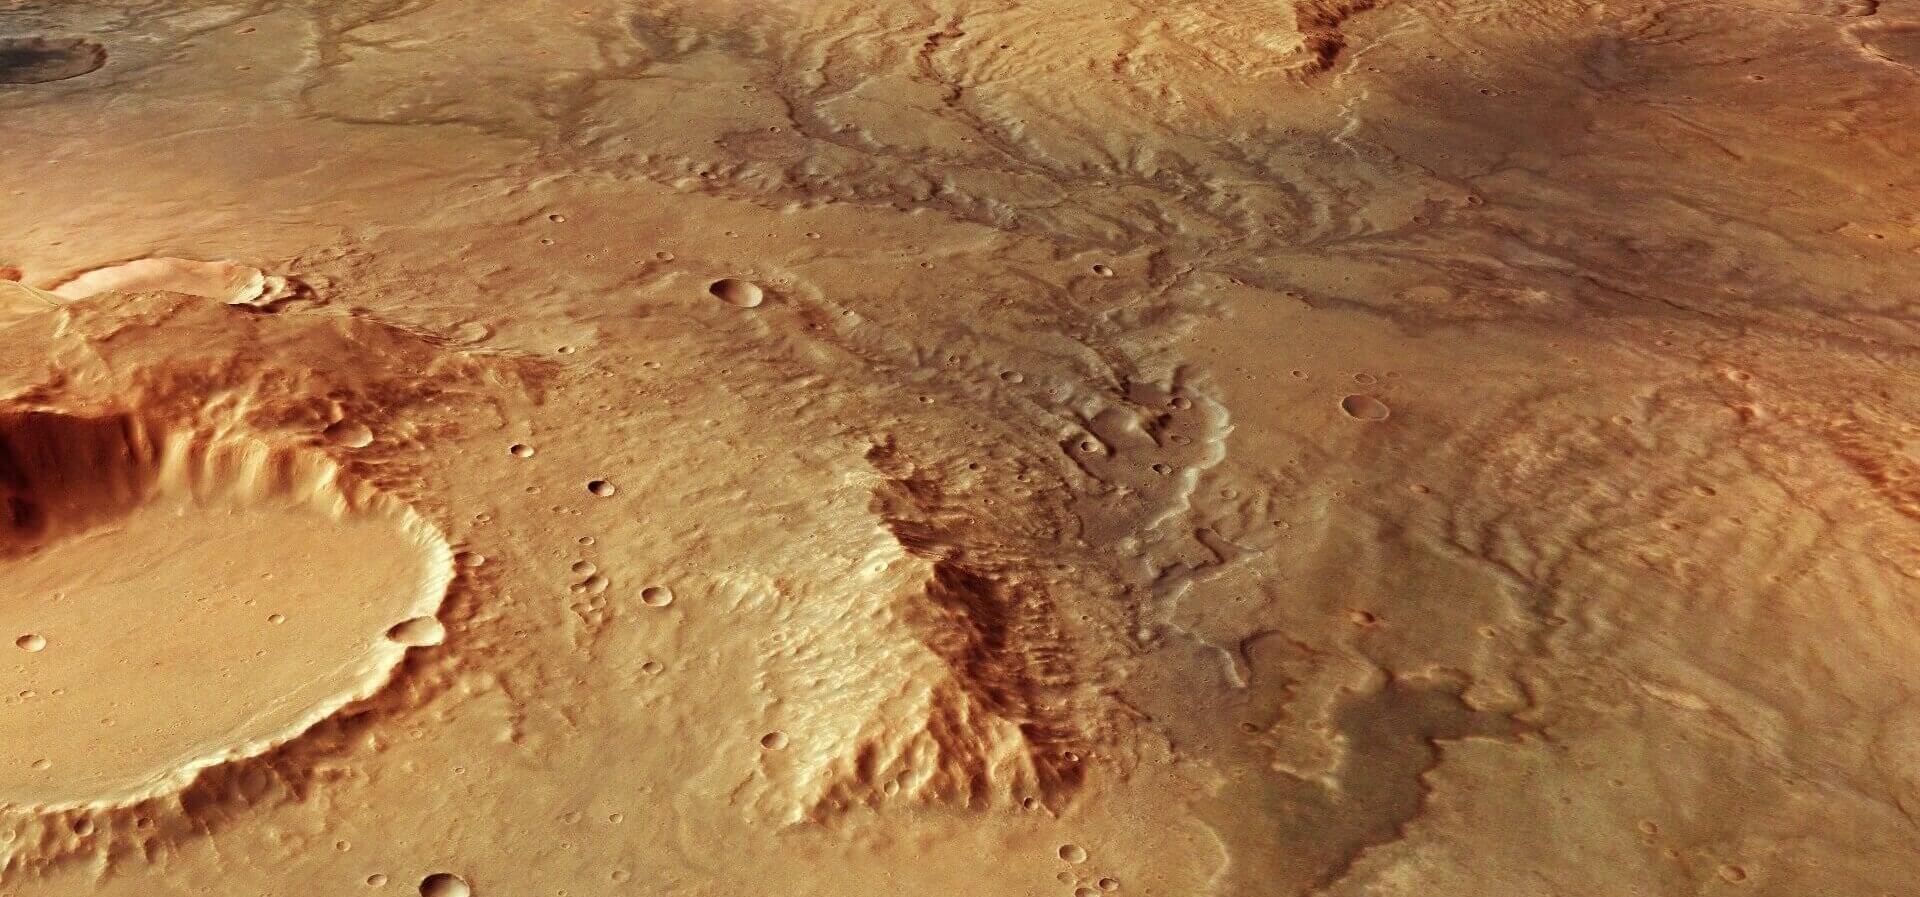 وجود آب مایع در سطح مریخ